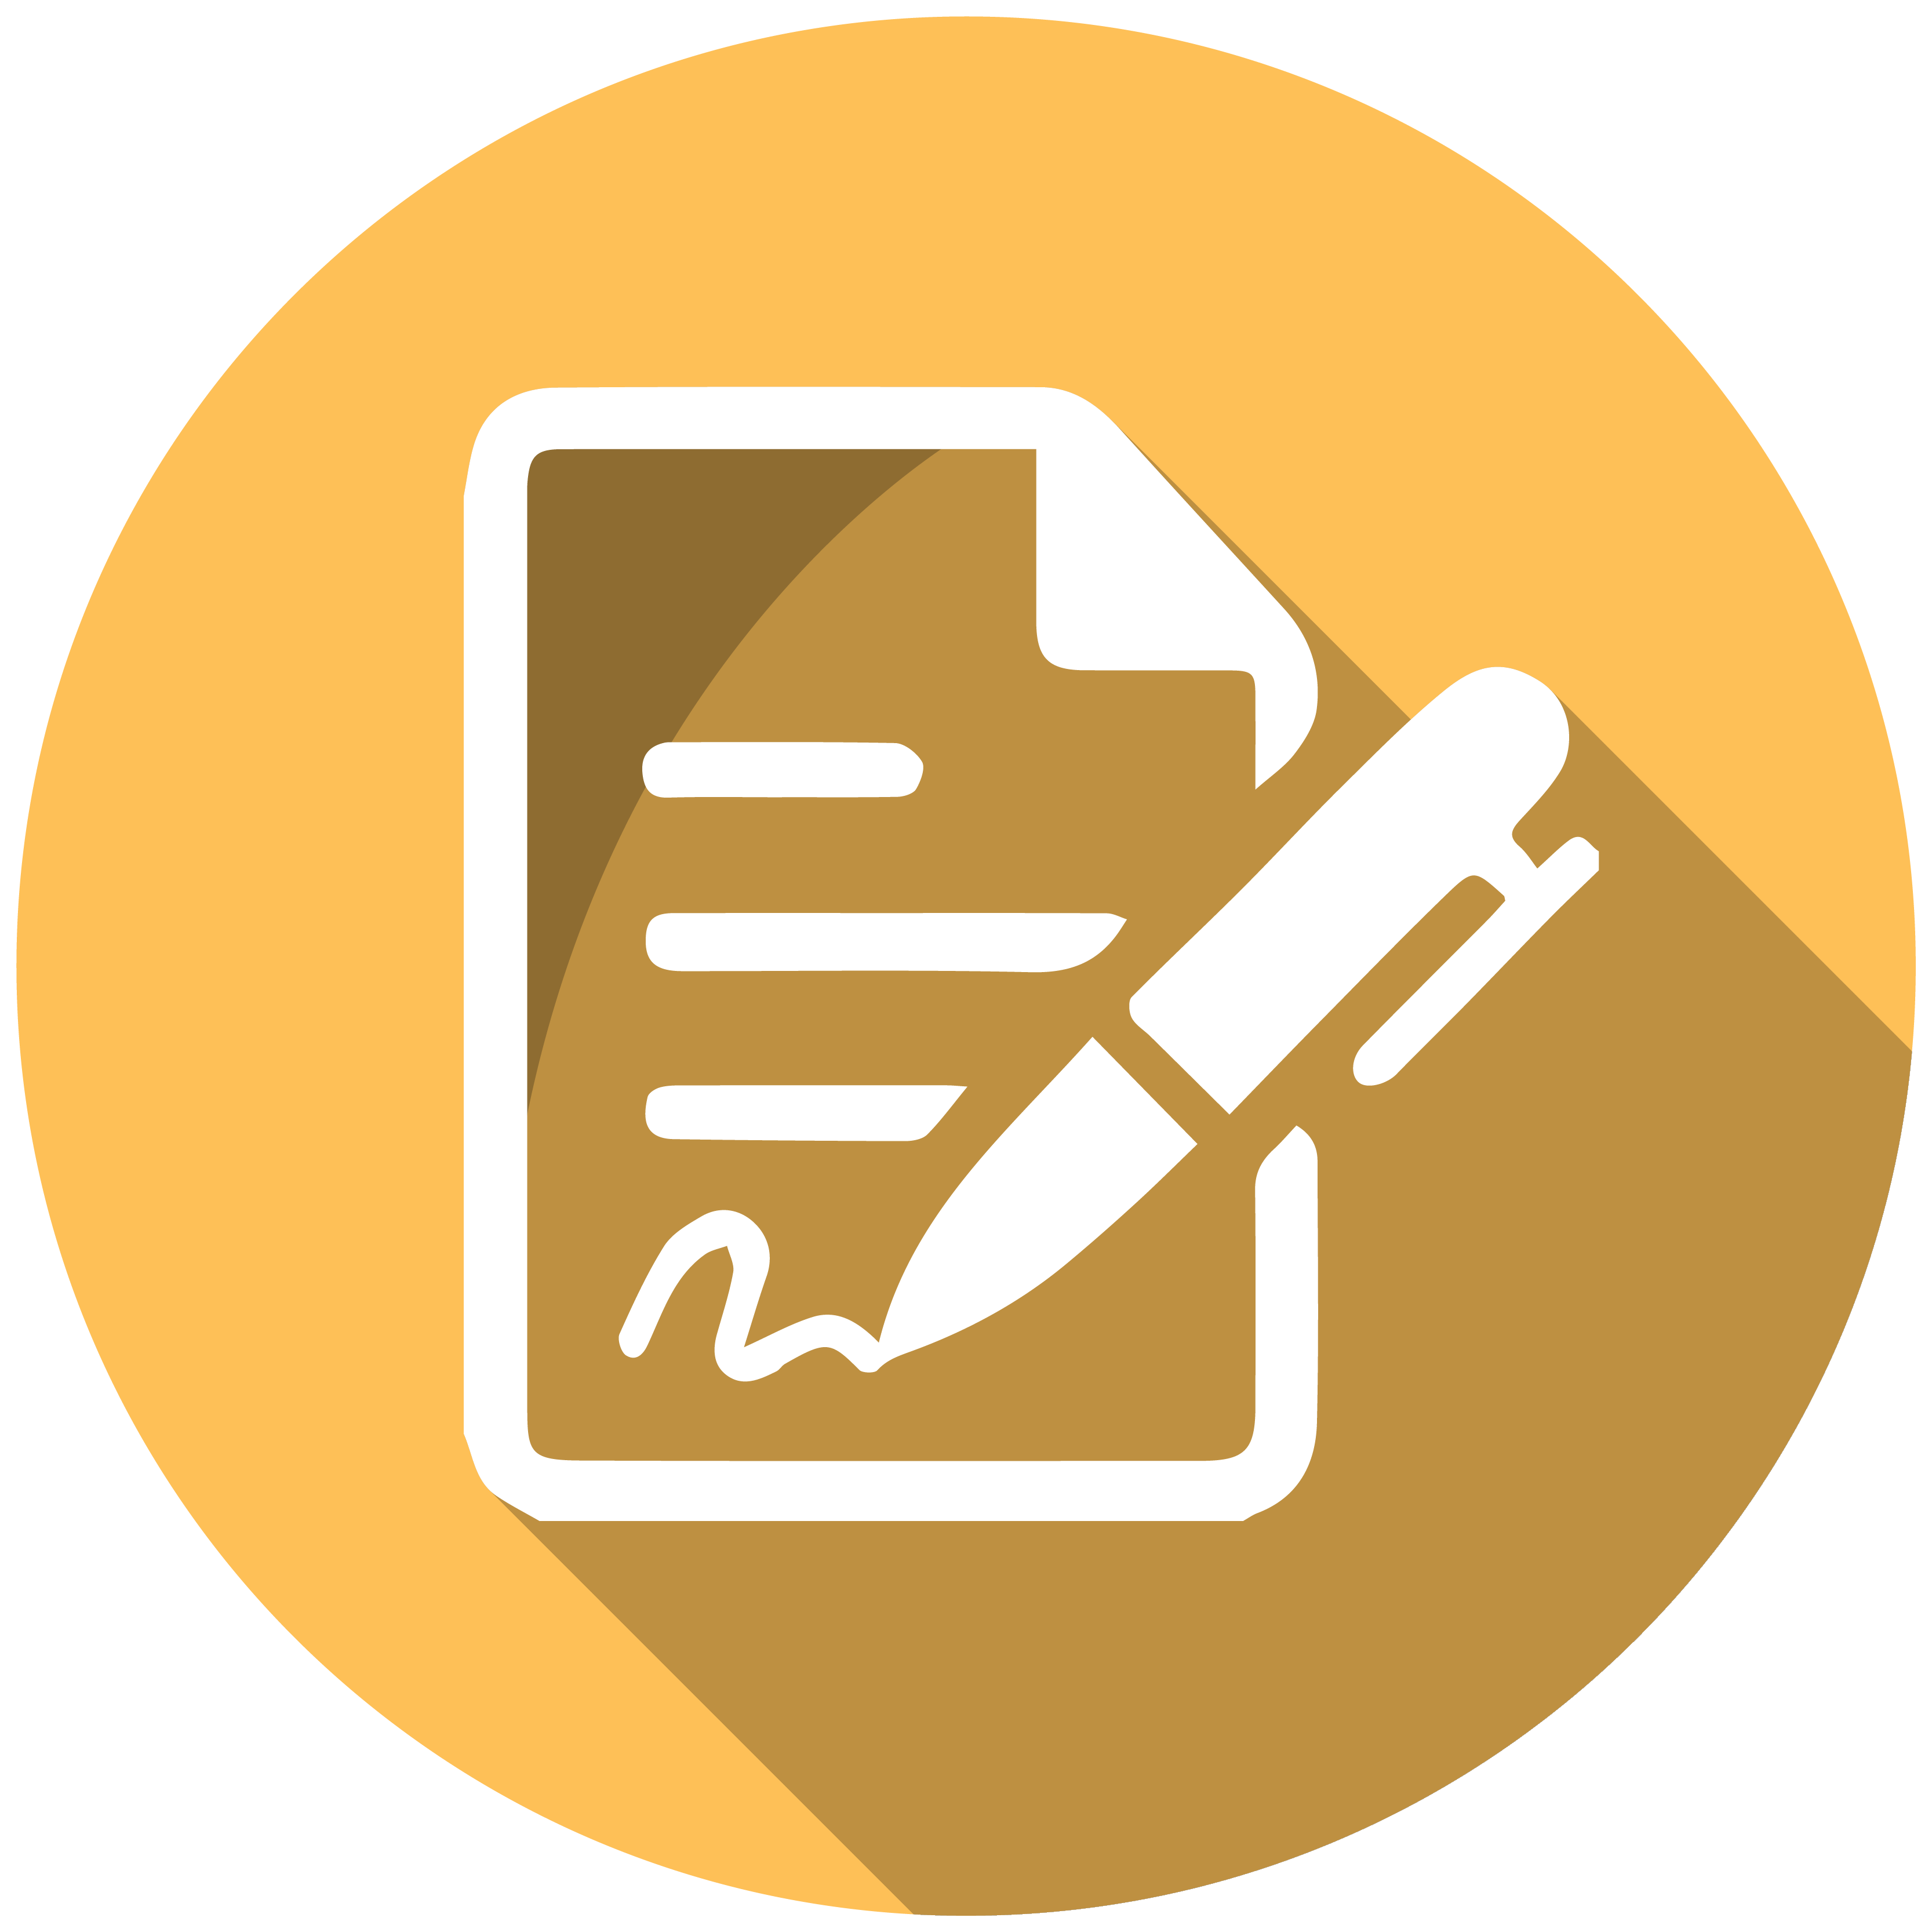 دانلود پاورپوینت بررسی استاندارد شماره 61، ارزیابی کار واحد حسابرسی داخلی - خرید آنلاین و دریافت